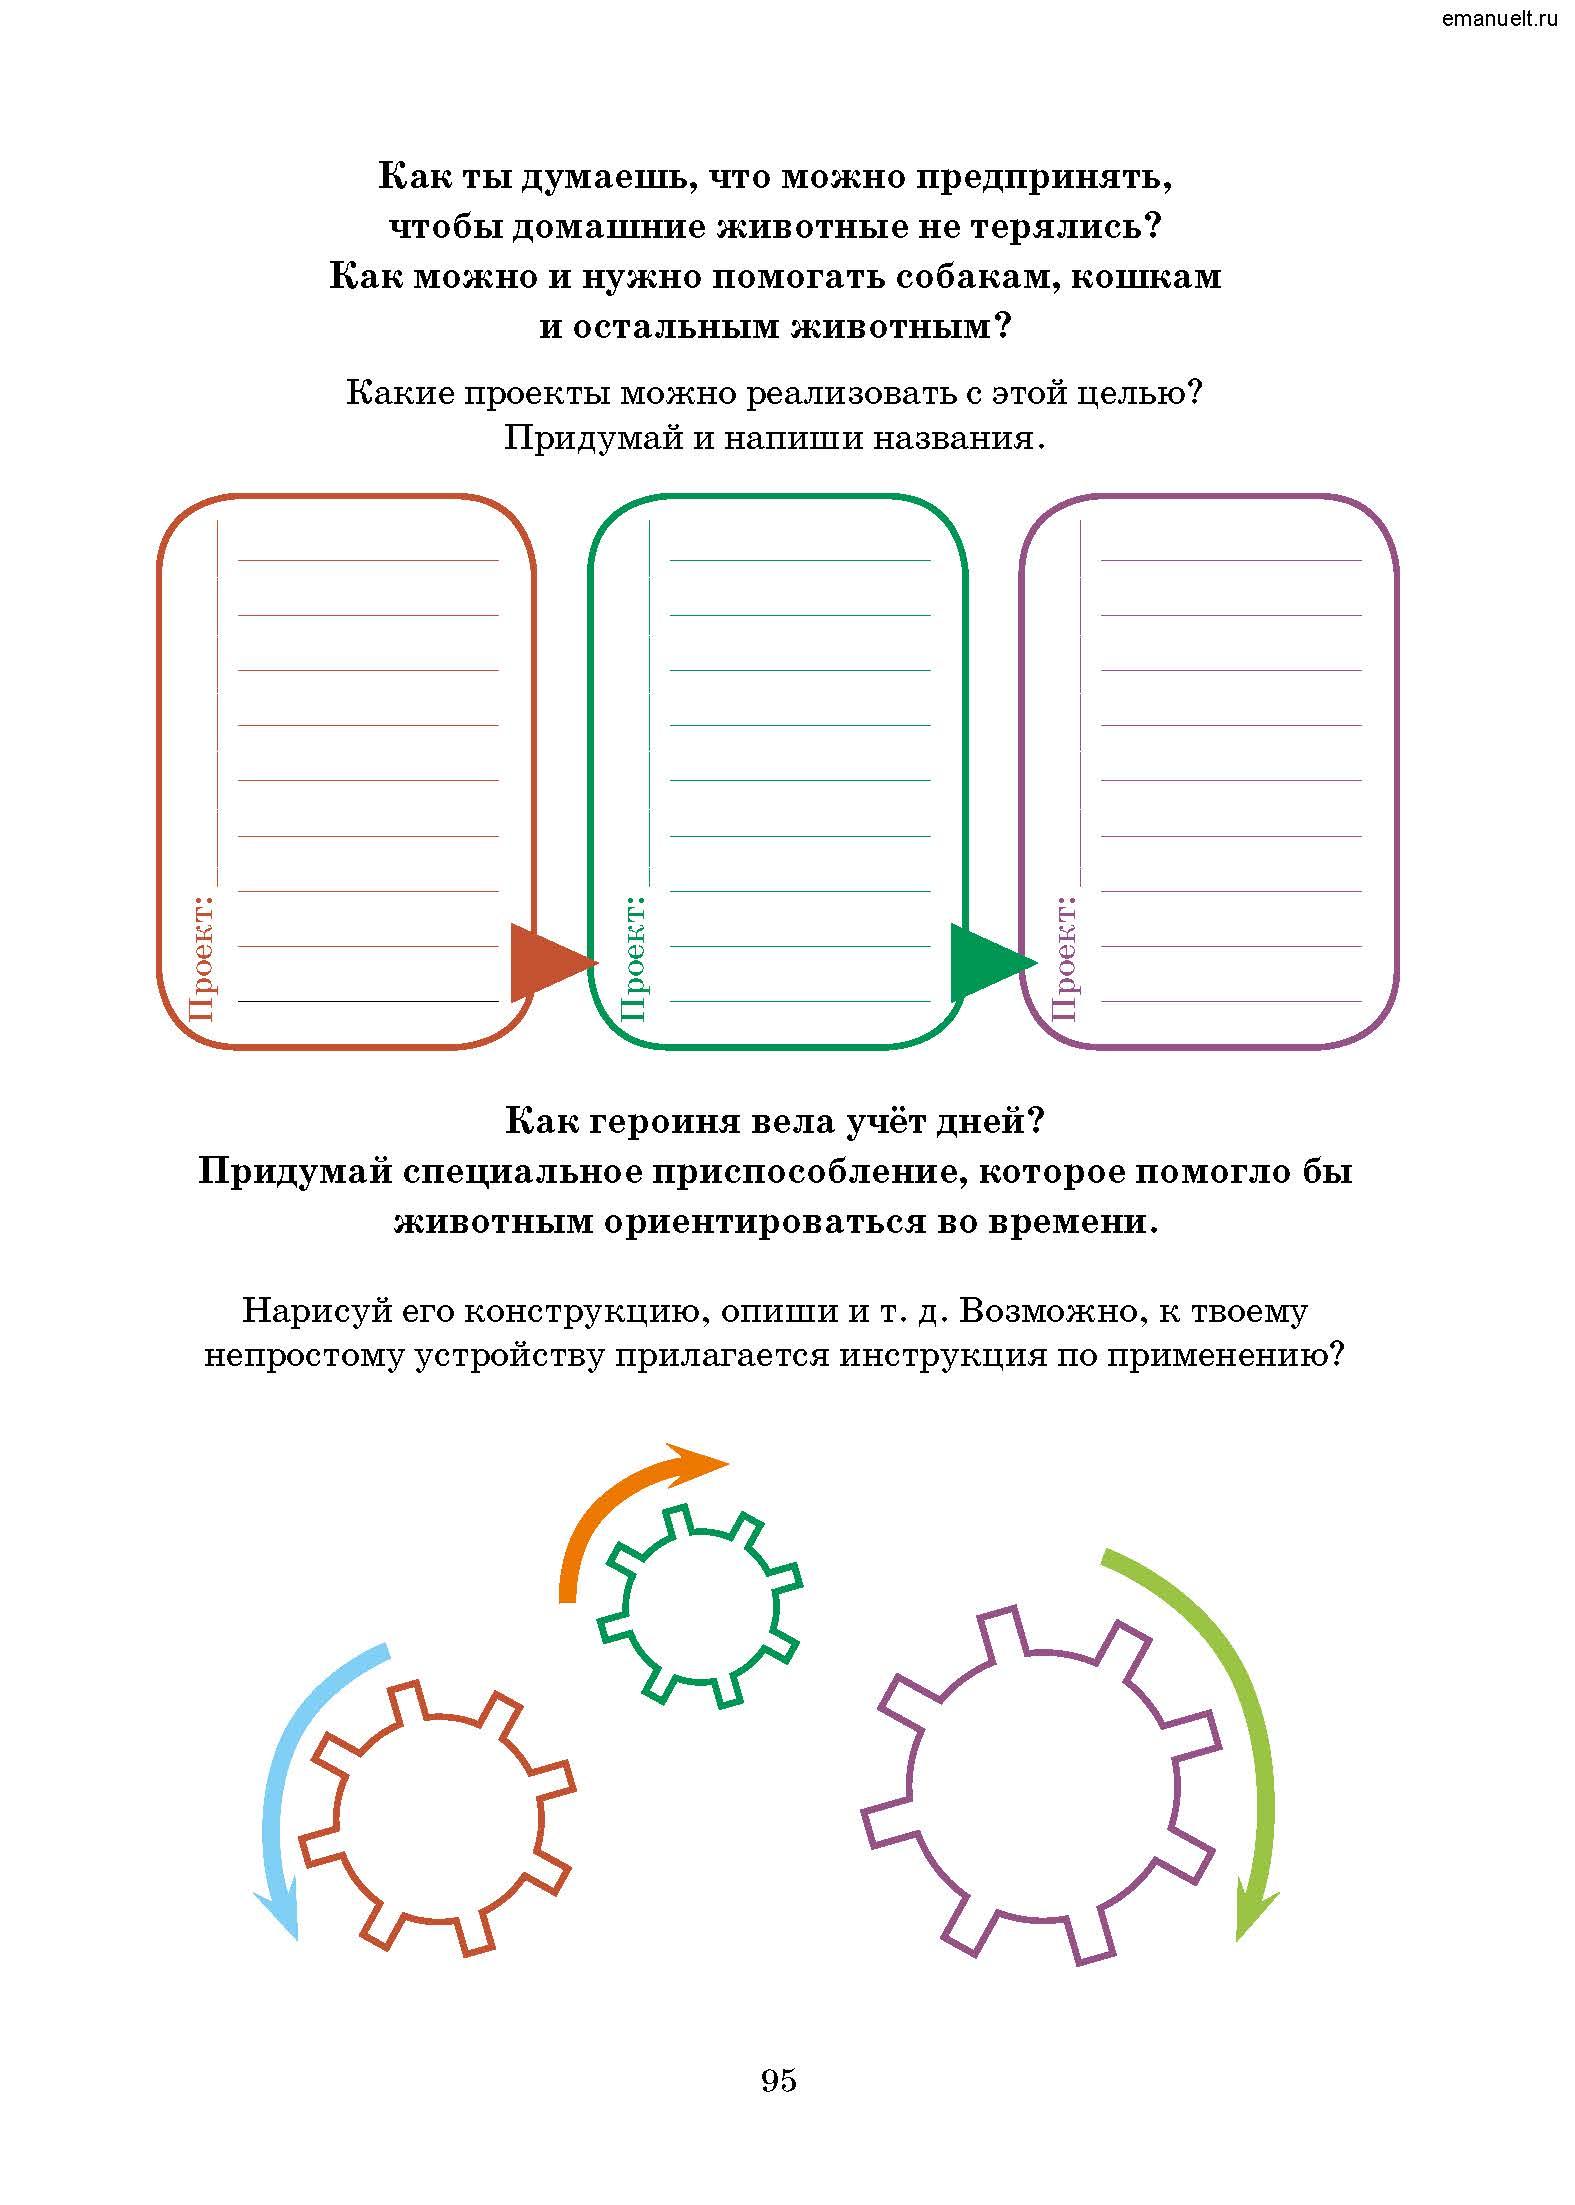 Рассказки в заданиях. emanuelt.ru_Страница_096